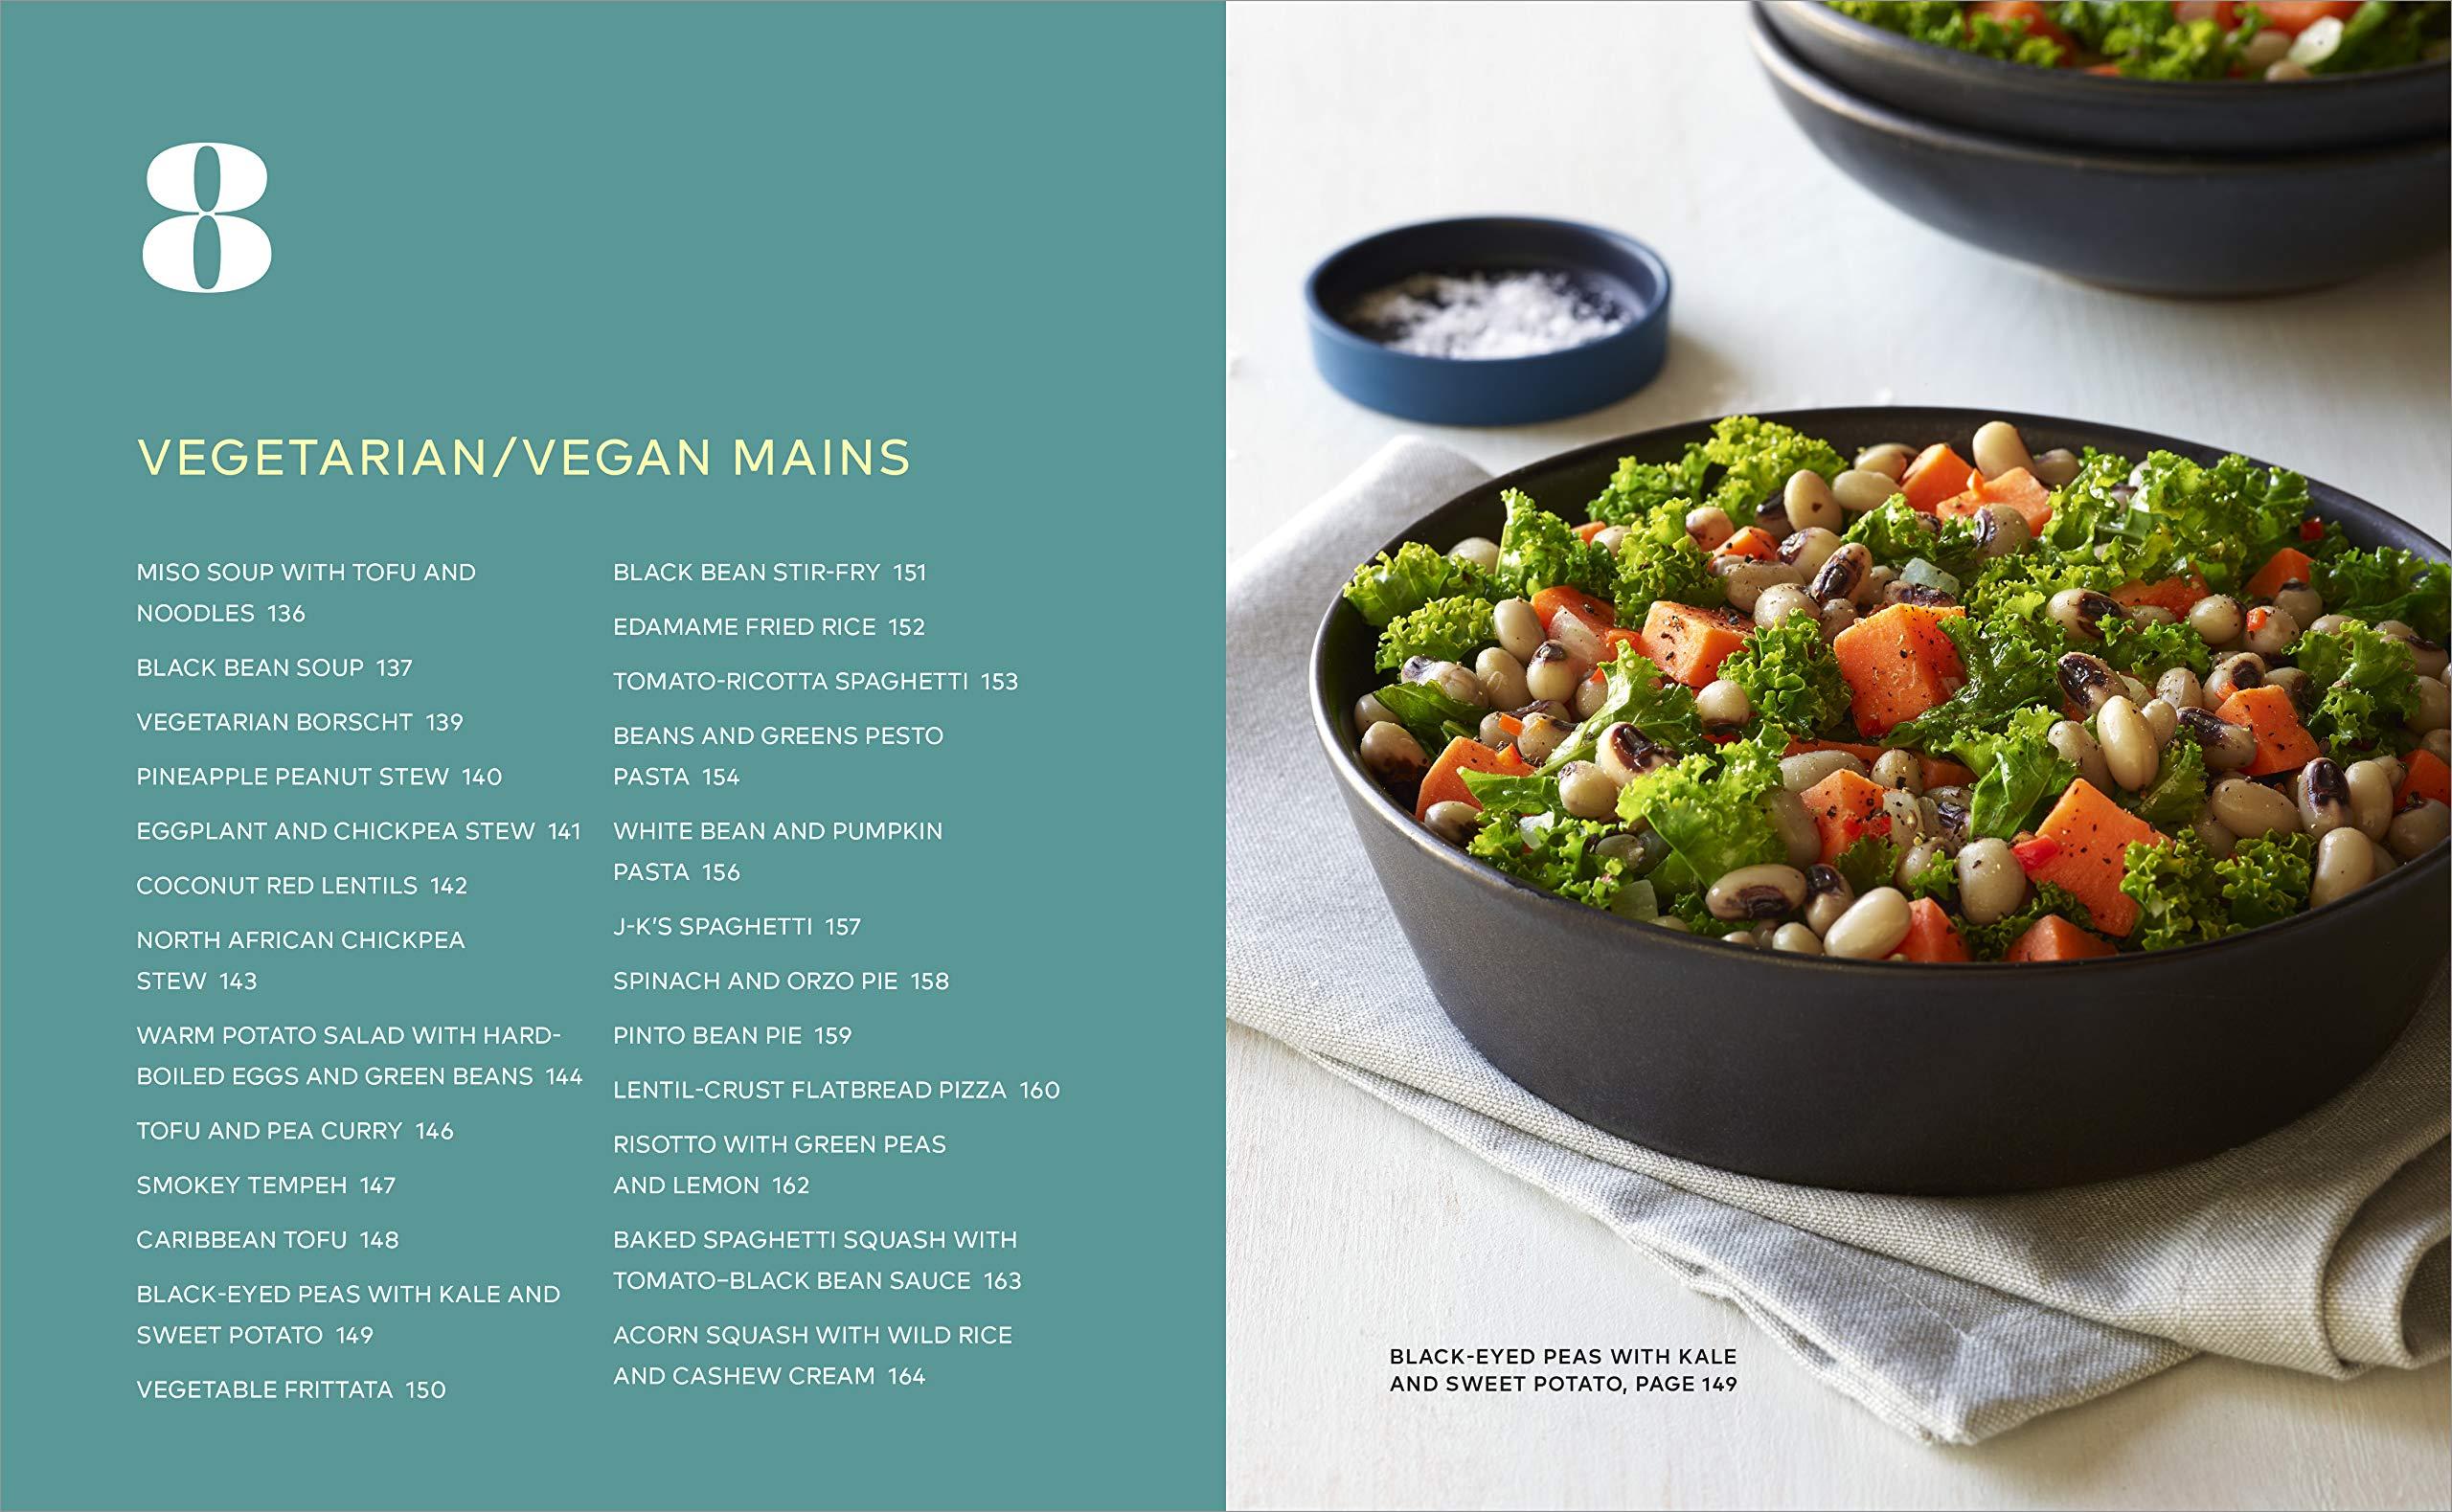 The Easy Sugar Detox Cookbook: 125 Recipes for a Sugar-Free Lifestyle: Amazon.es: Yarker, Kristen: Libros en idiomas extranjeros